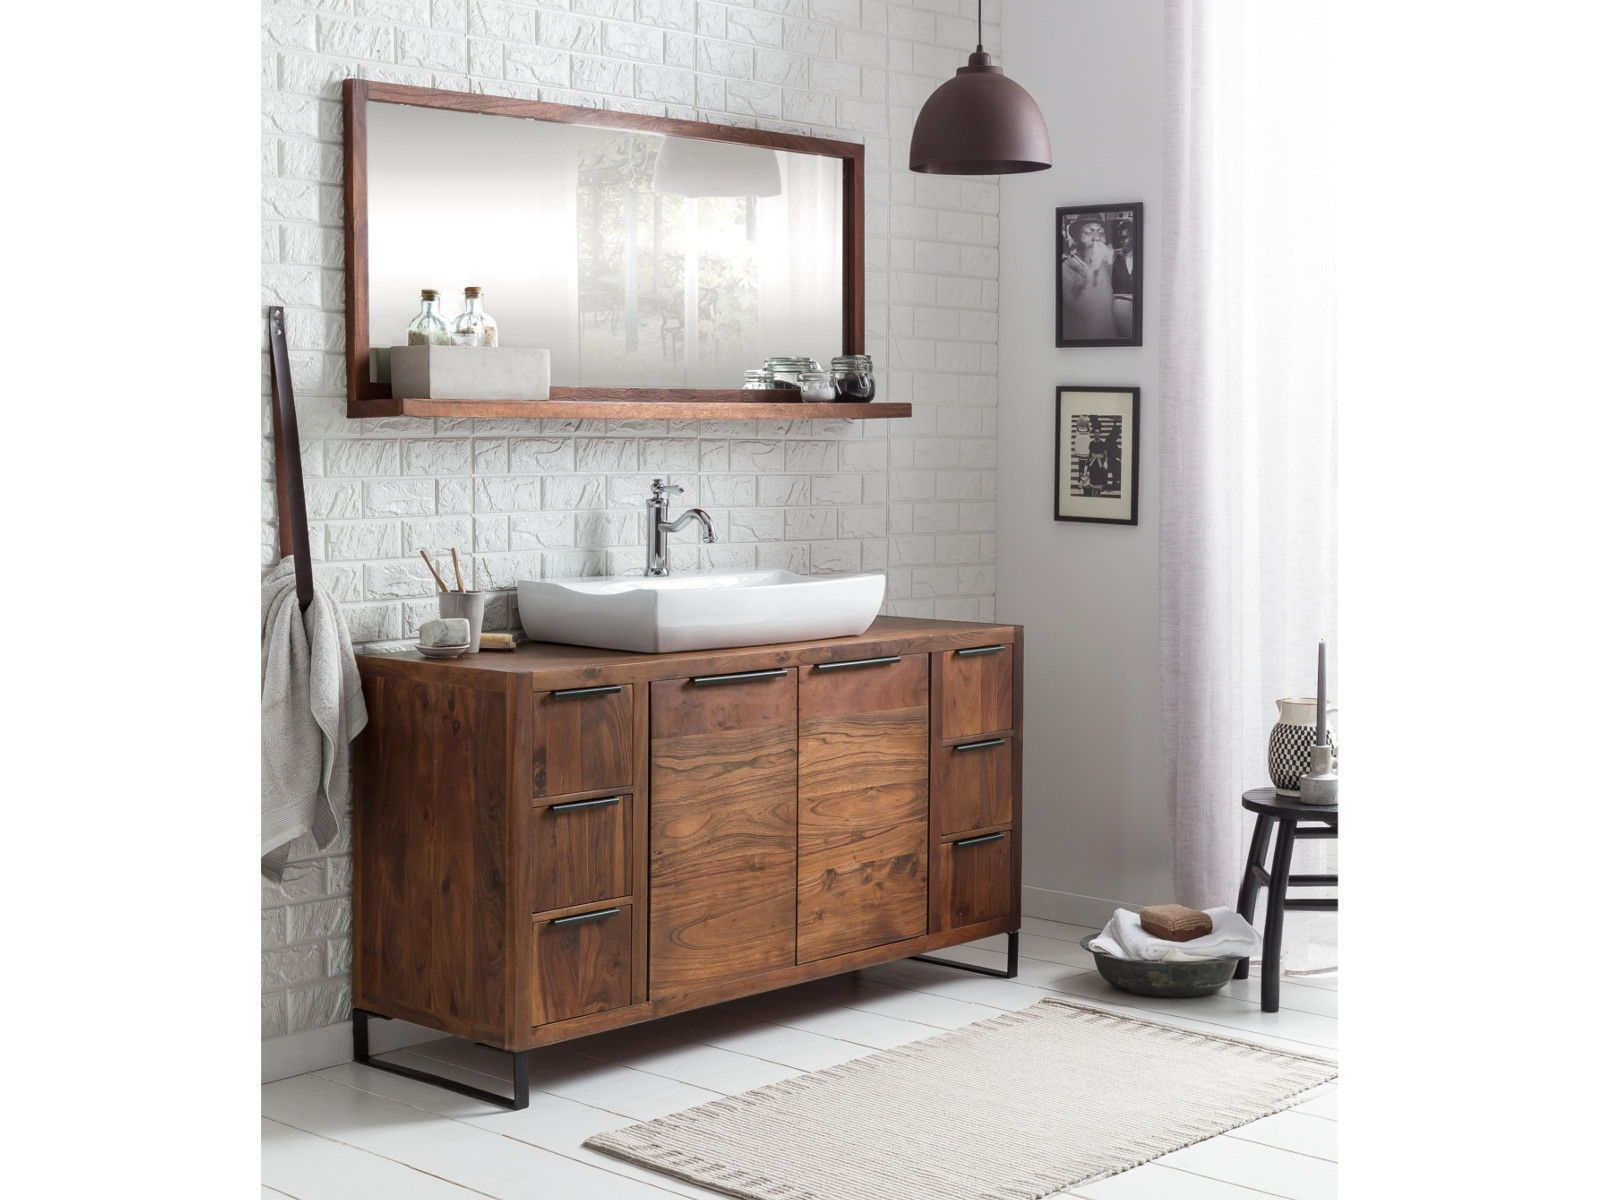 Modern Markant Sydney In 2020 Waschbeckenunterschrank Ablage Bad Waschtisch